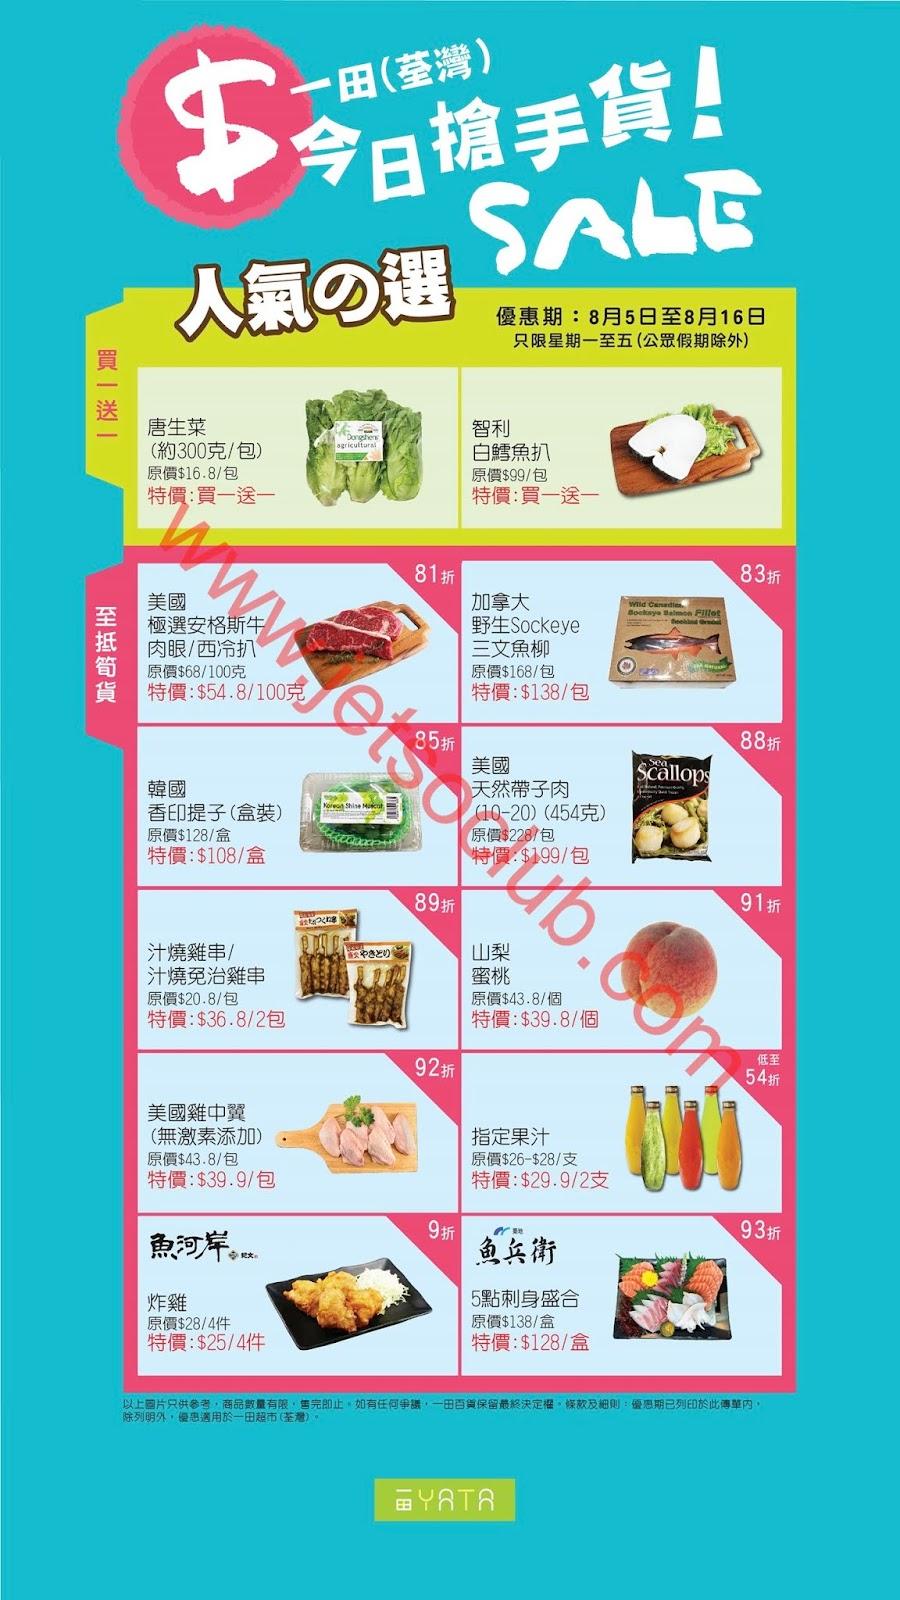 一田超市:荃灣/將軍澳店 今日搶手貨(5-16/8) ( Jetso Club 著數俱樂部 )